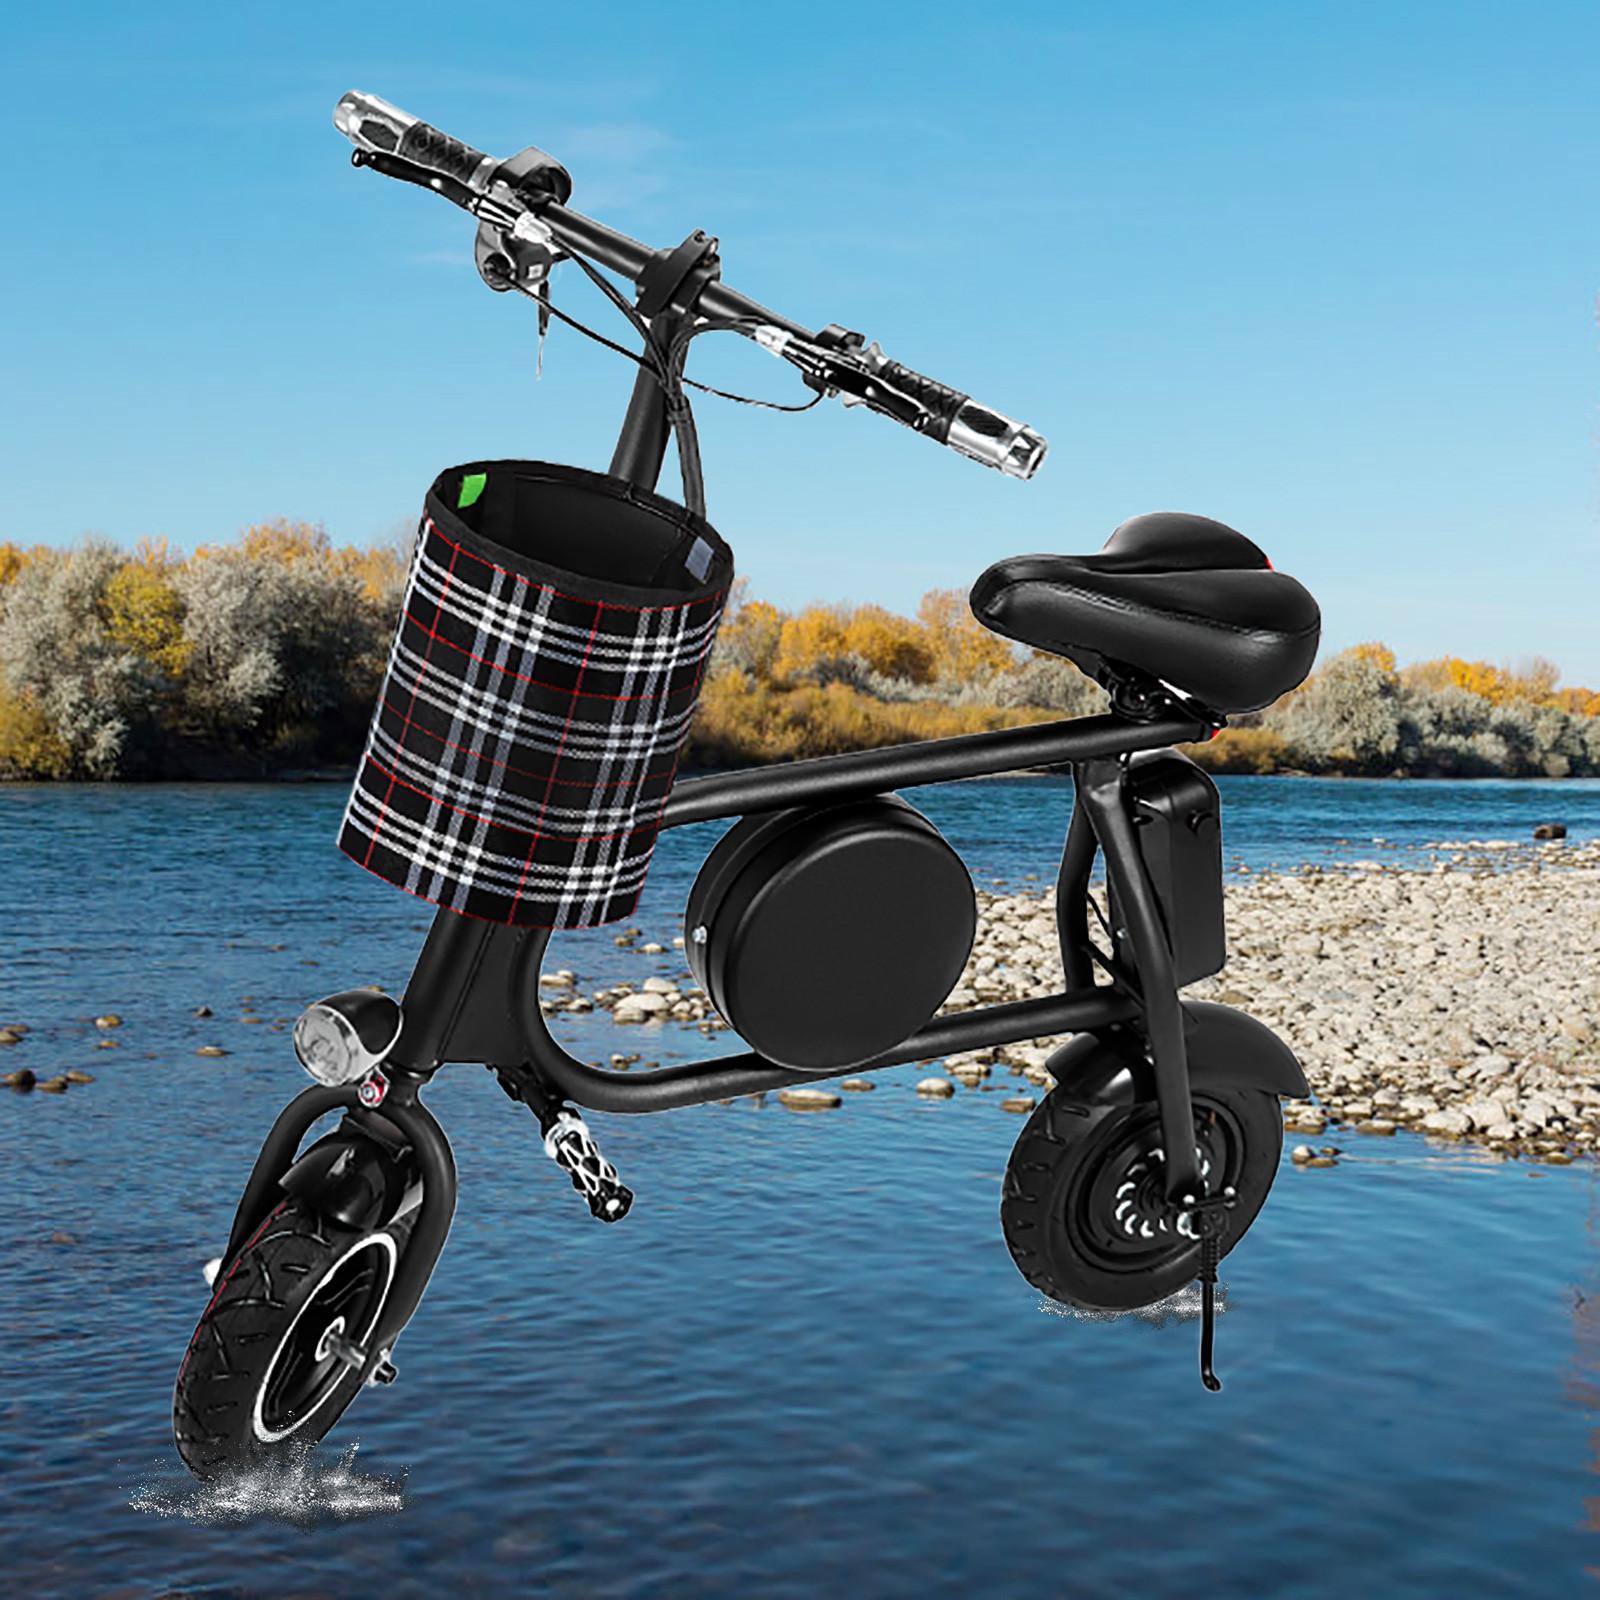 Folding-Electric-Bicycle-E-Bike-36v-battery-amp-400-Watt-Motor-Portable-eBike-FF thumbnail 60